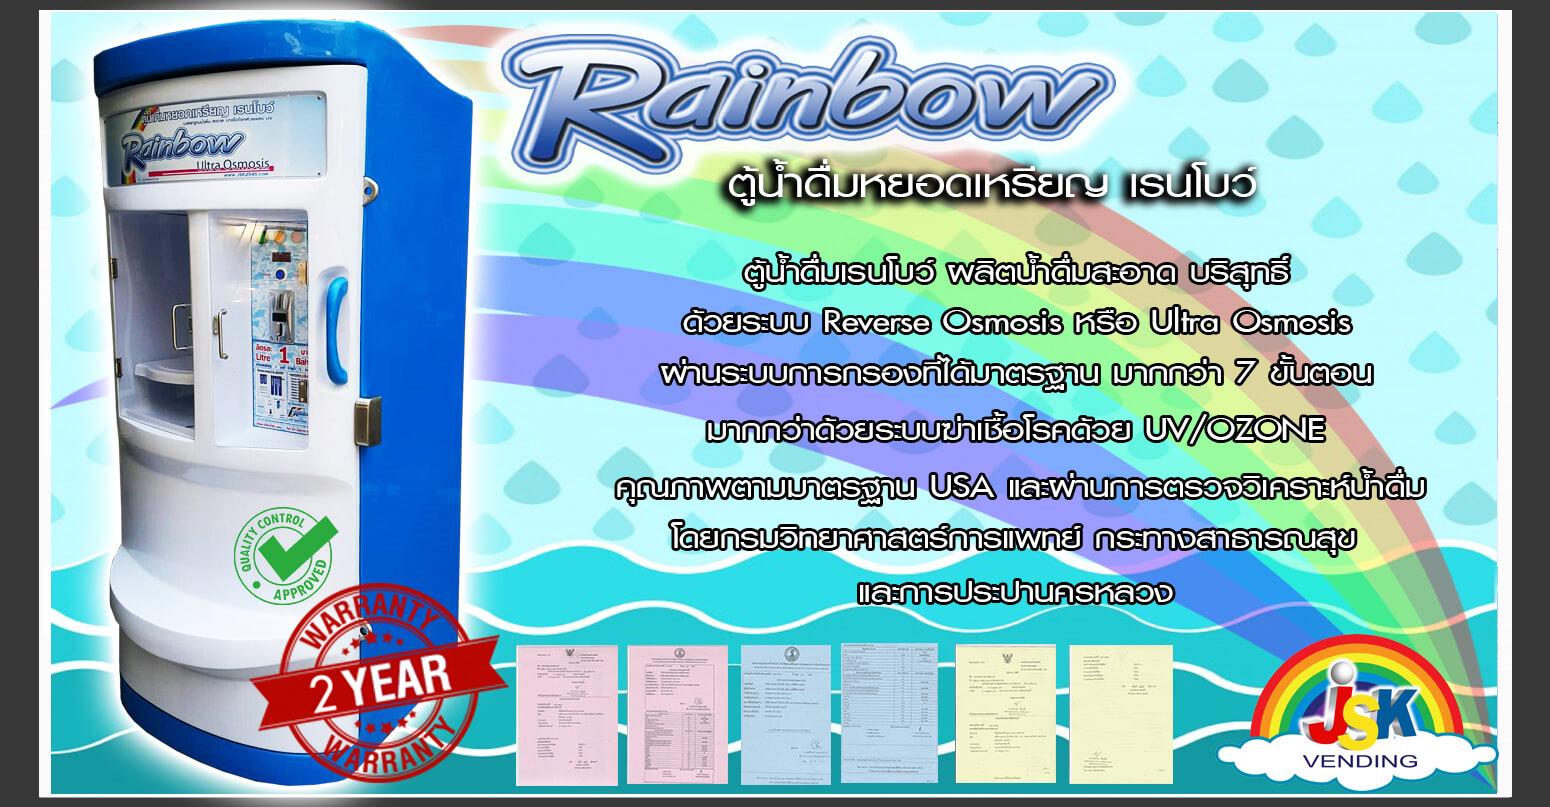 ตู้น้ำหยอดเหรียญ Rainbow